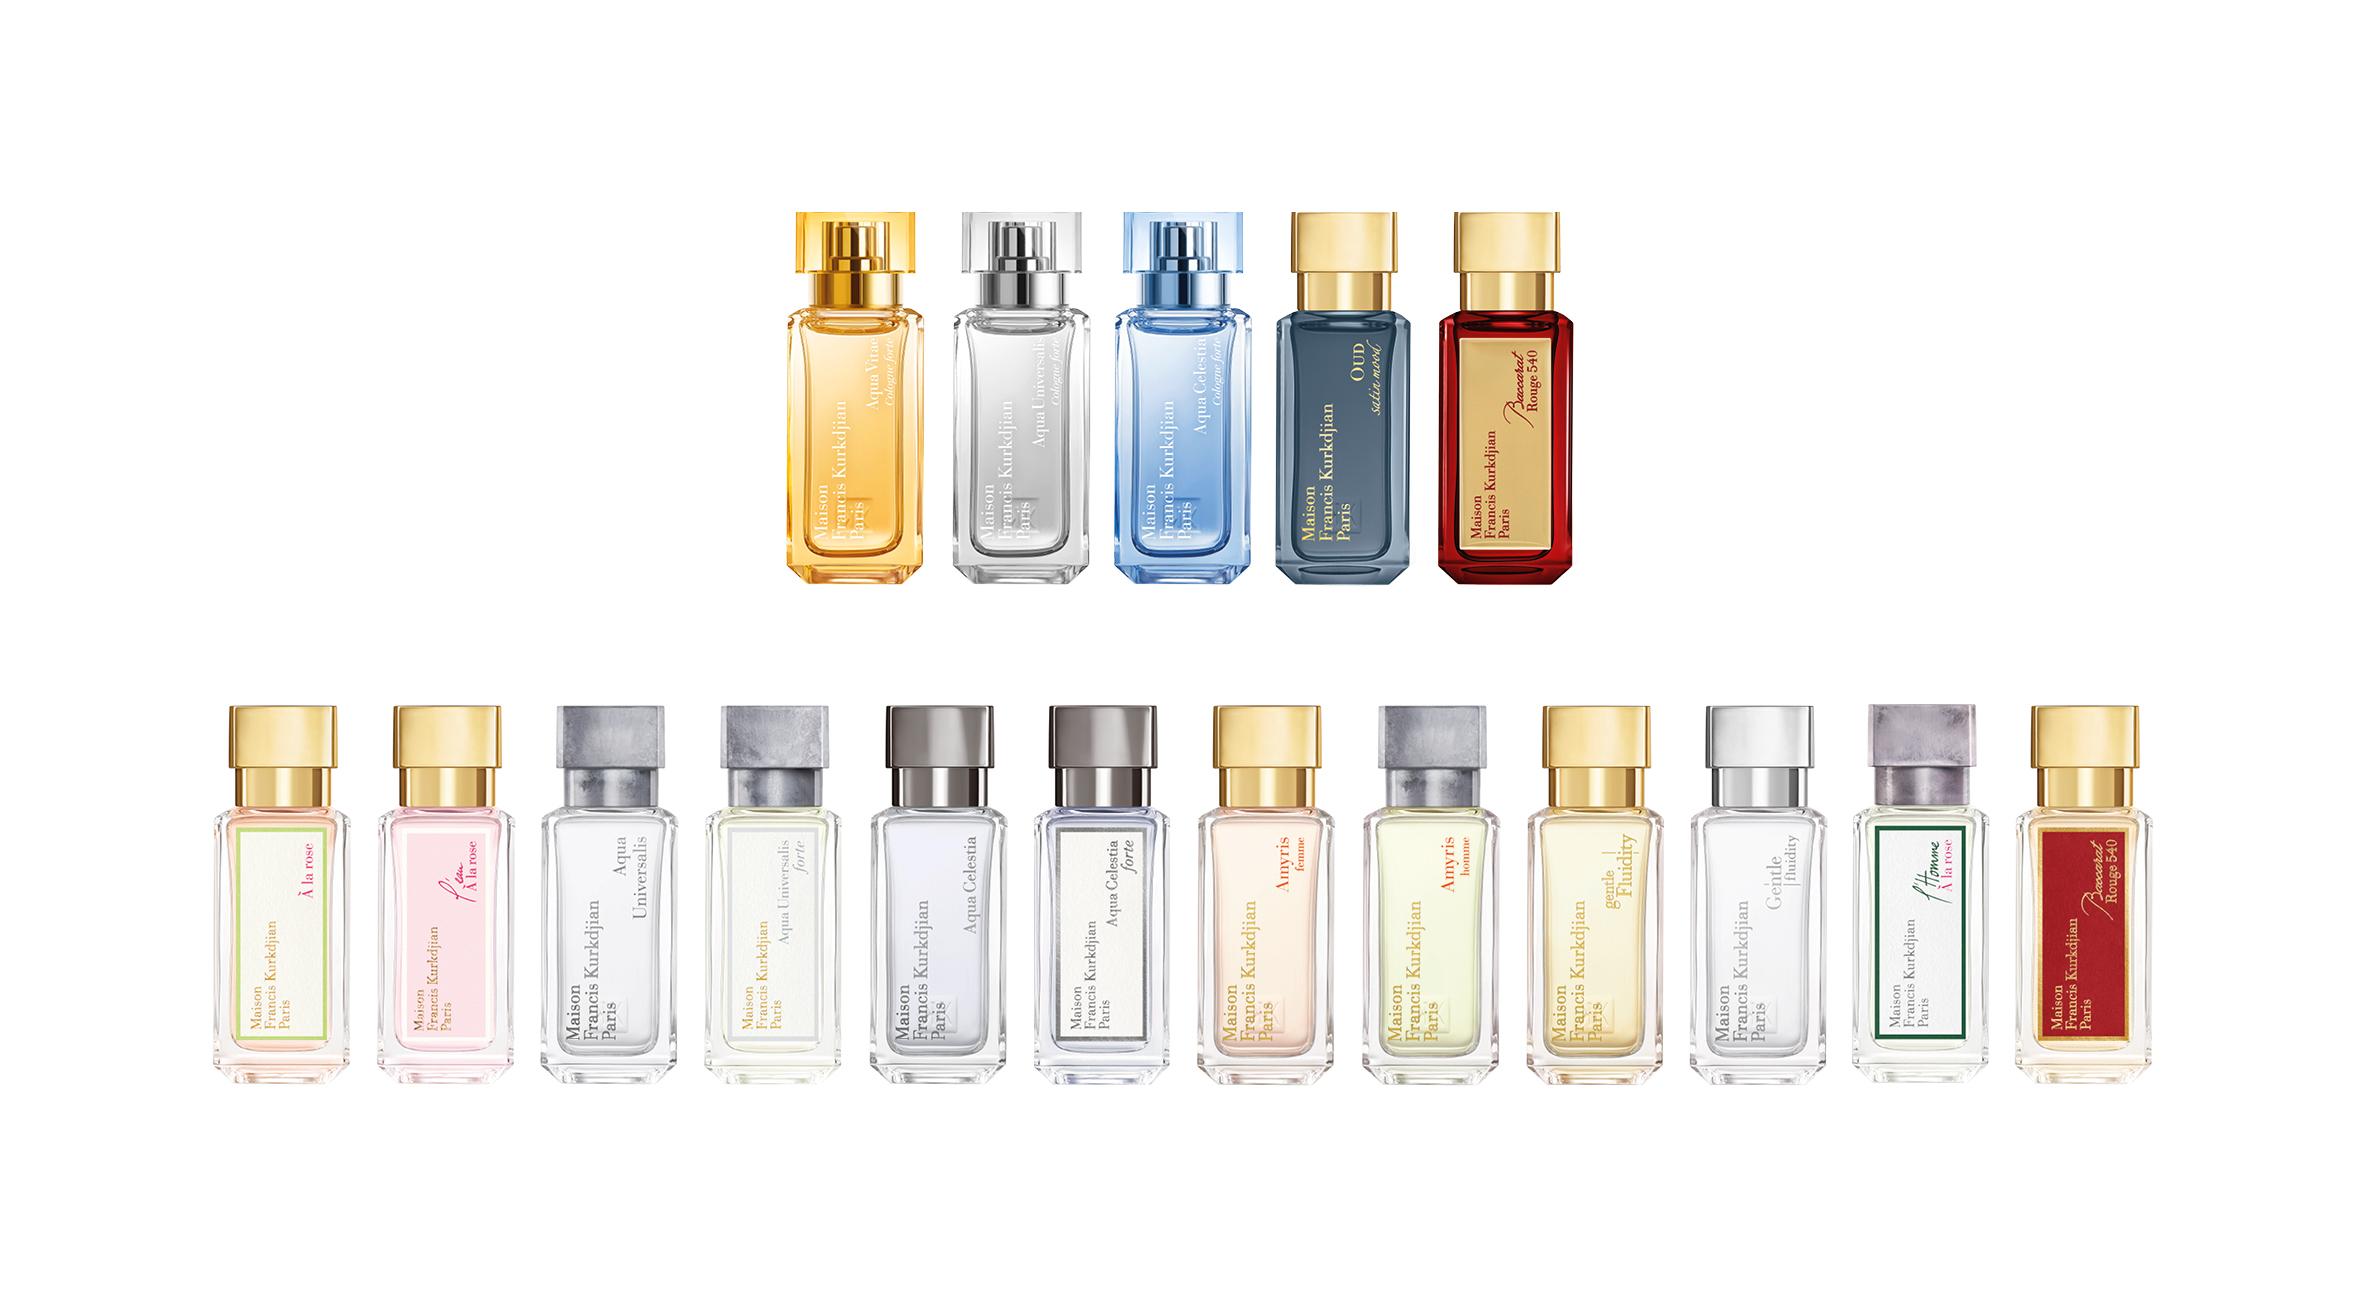 Collection Maison Francis Kurkdjian Parfums Miniatures